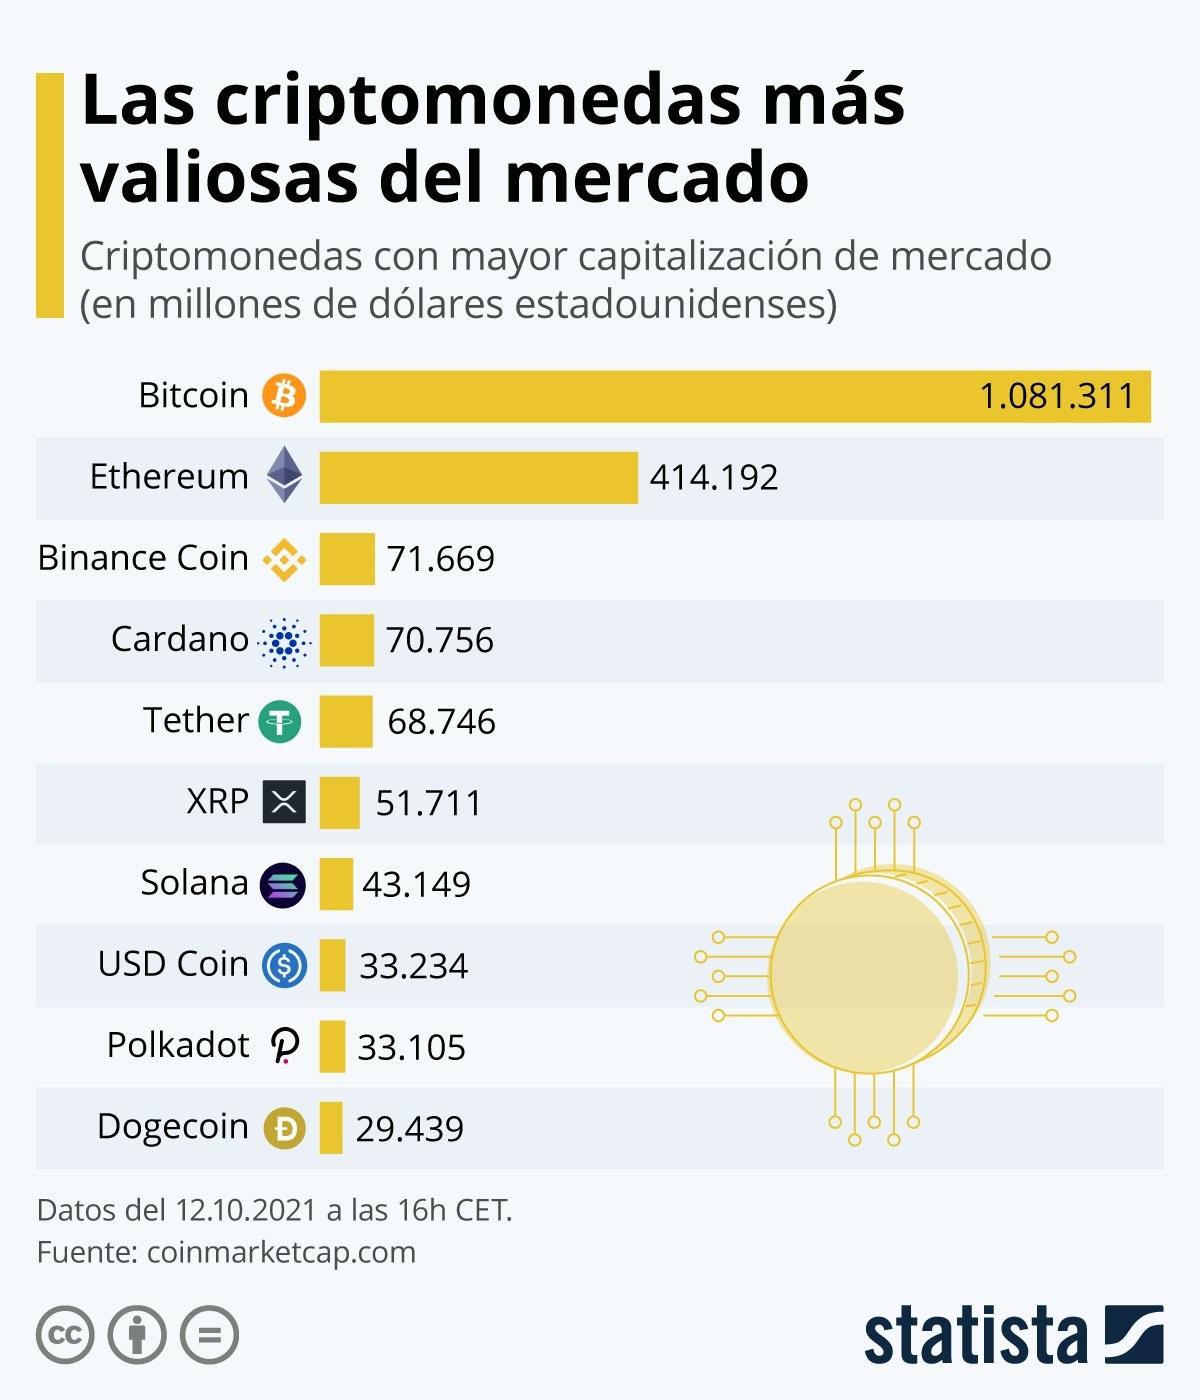 Gráfica de precios de 'Statista' a través de los datos facilitados por 'CoinMarketCap'.